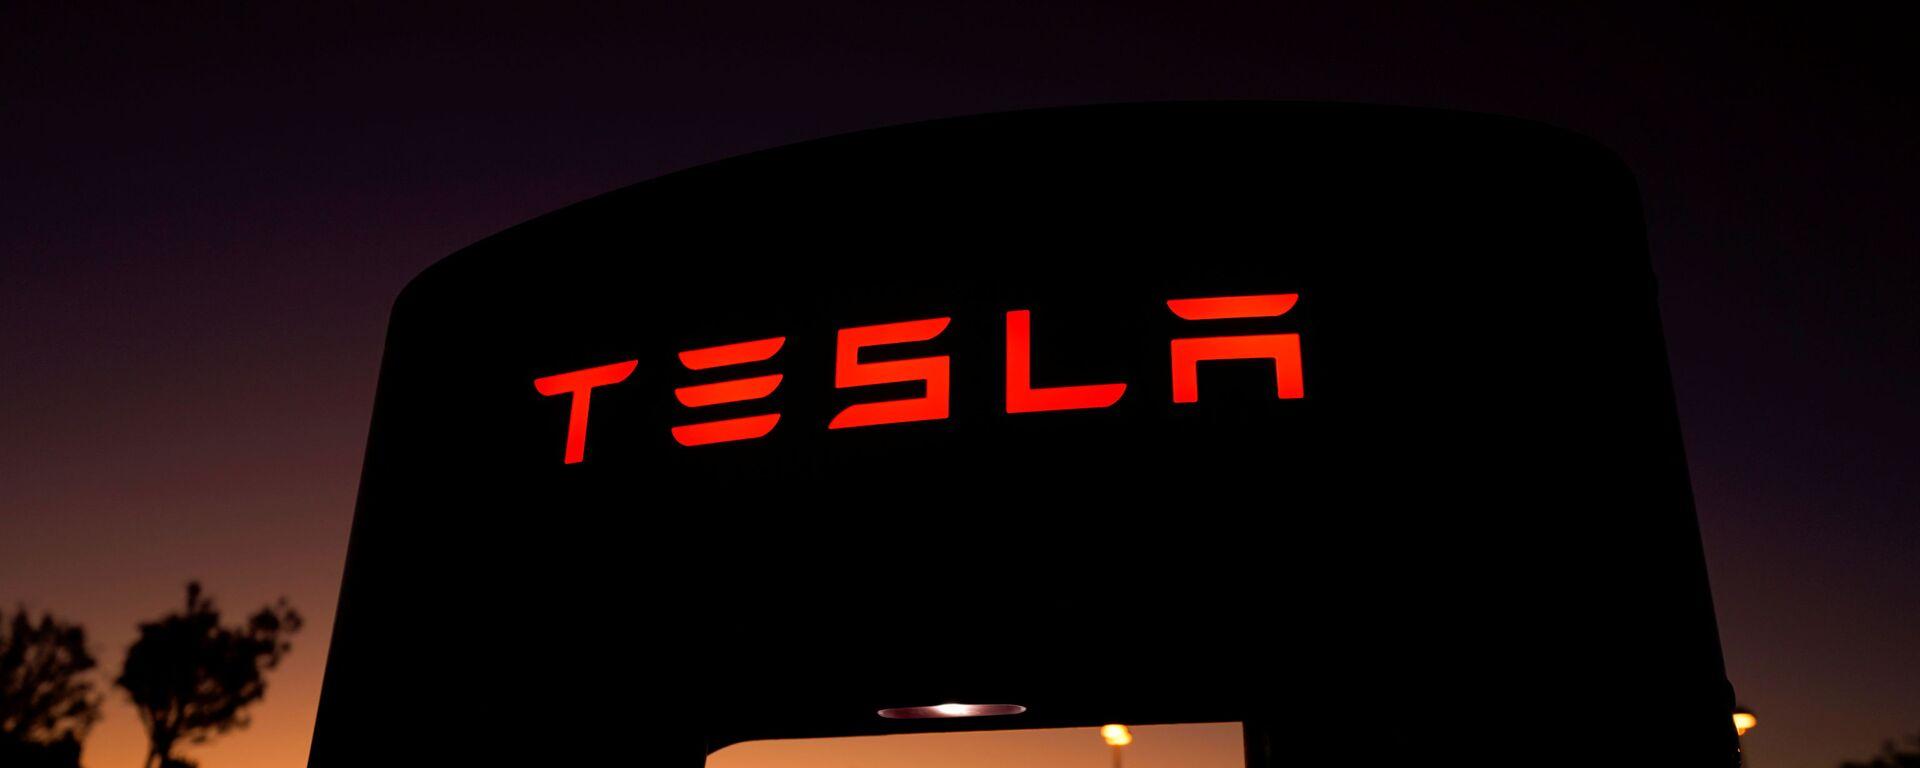 Un supercargador de Tesla en una estación de carga en Santa Clarita, California - Sputnik Mundo, 1920, 29.09.2020